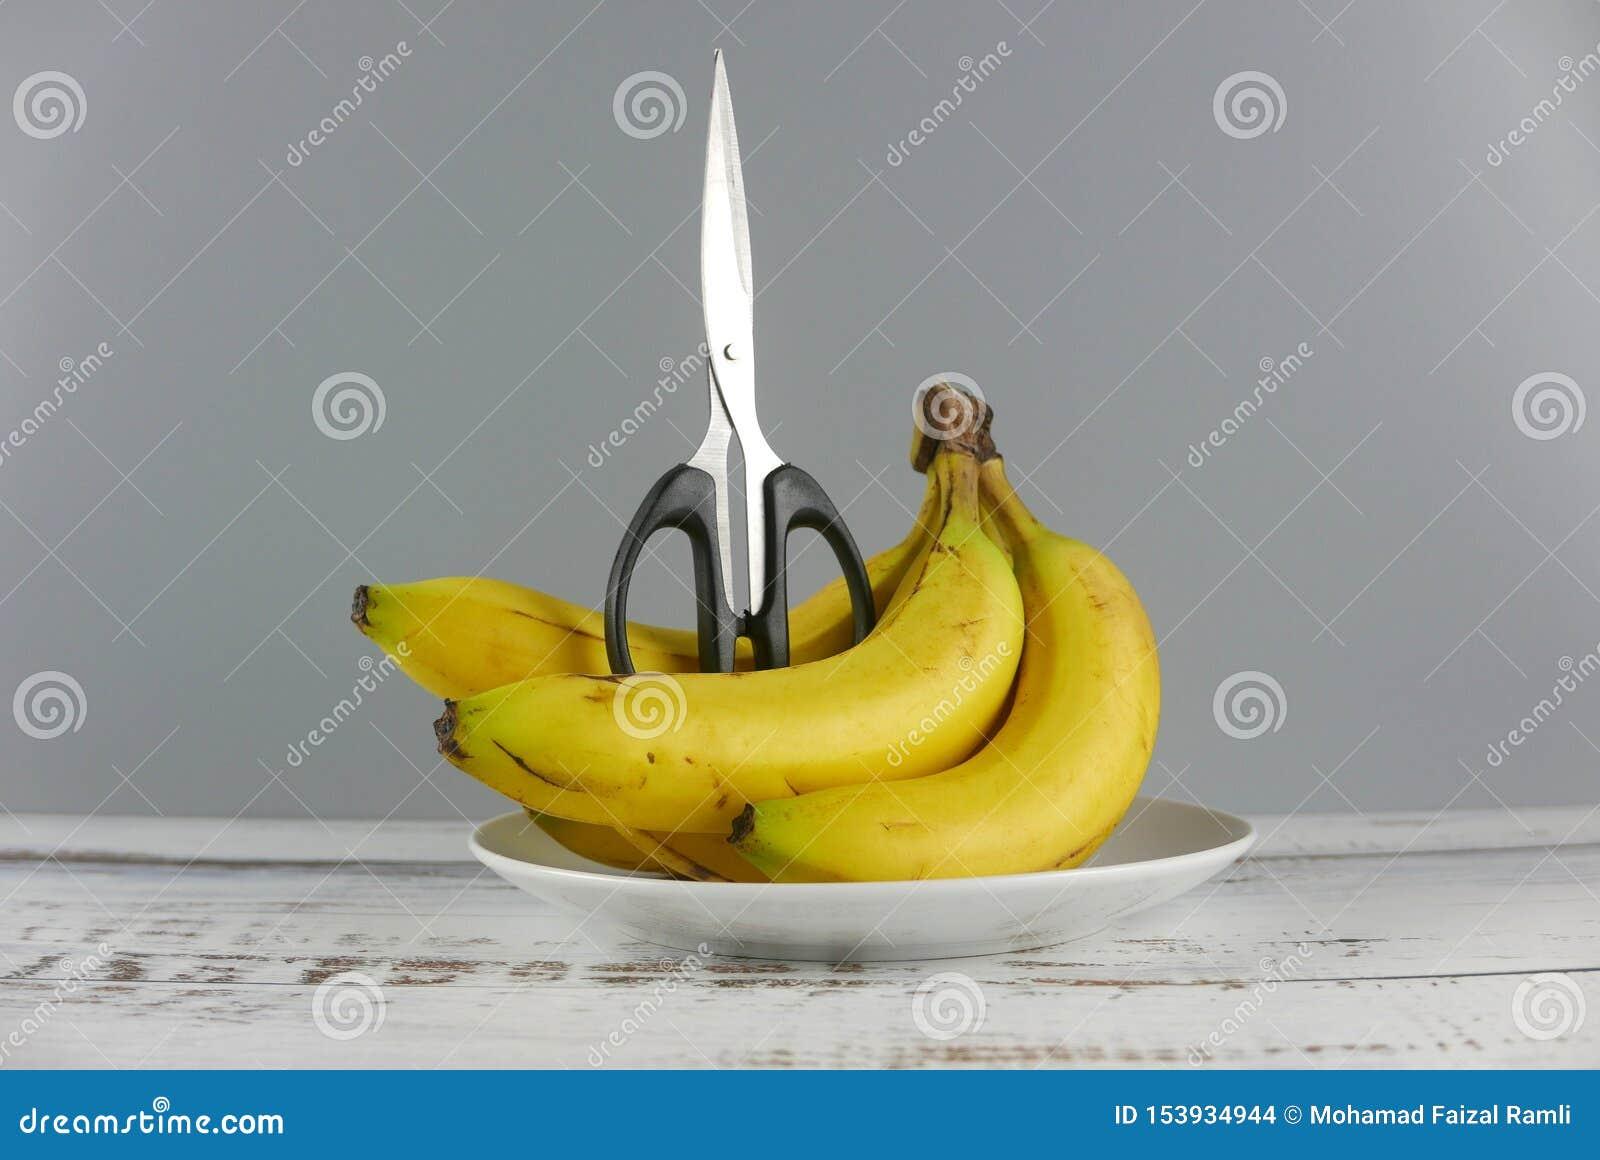 el plátano ayuda a la erección